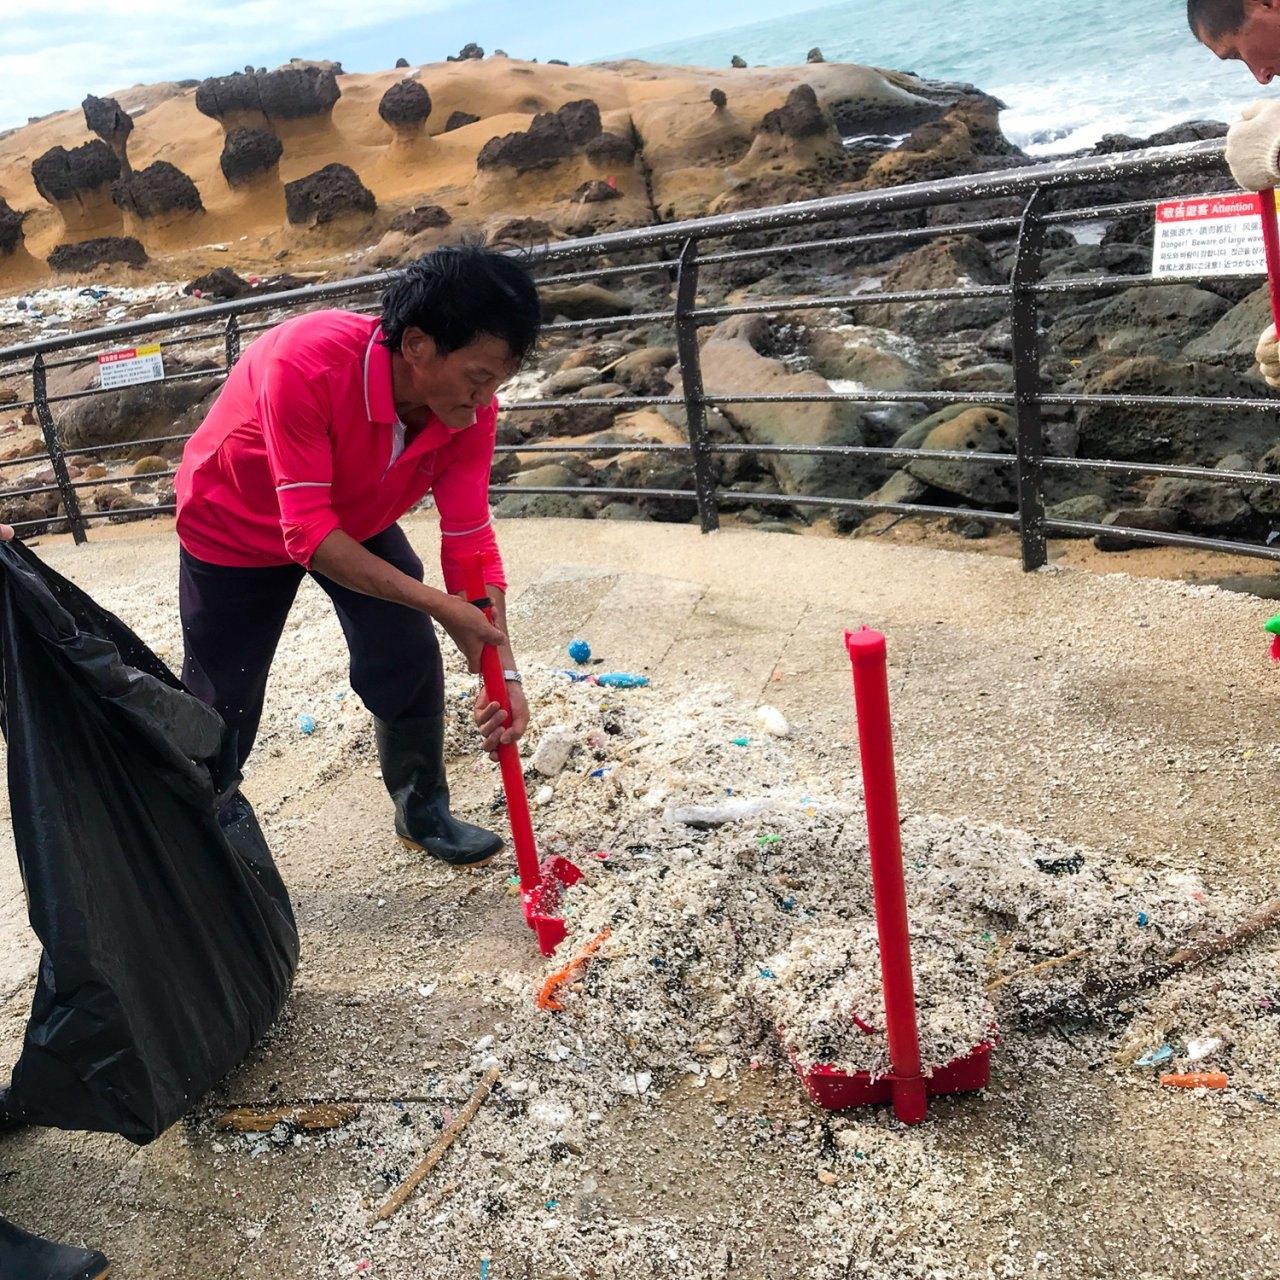 ▲7/27調降二級警戒準備開園,野柳地質公園也動員清理園區內被颱風帶來海洋垃圾。(圖片來源:野柳地質公園)